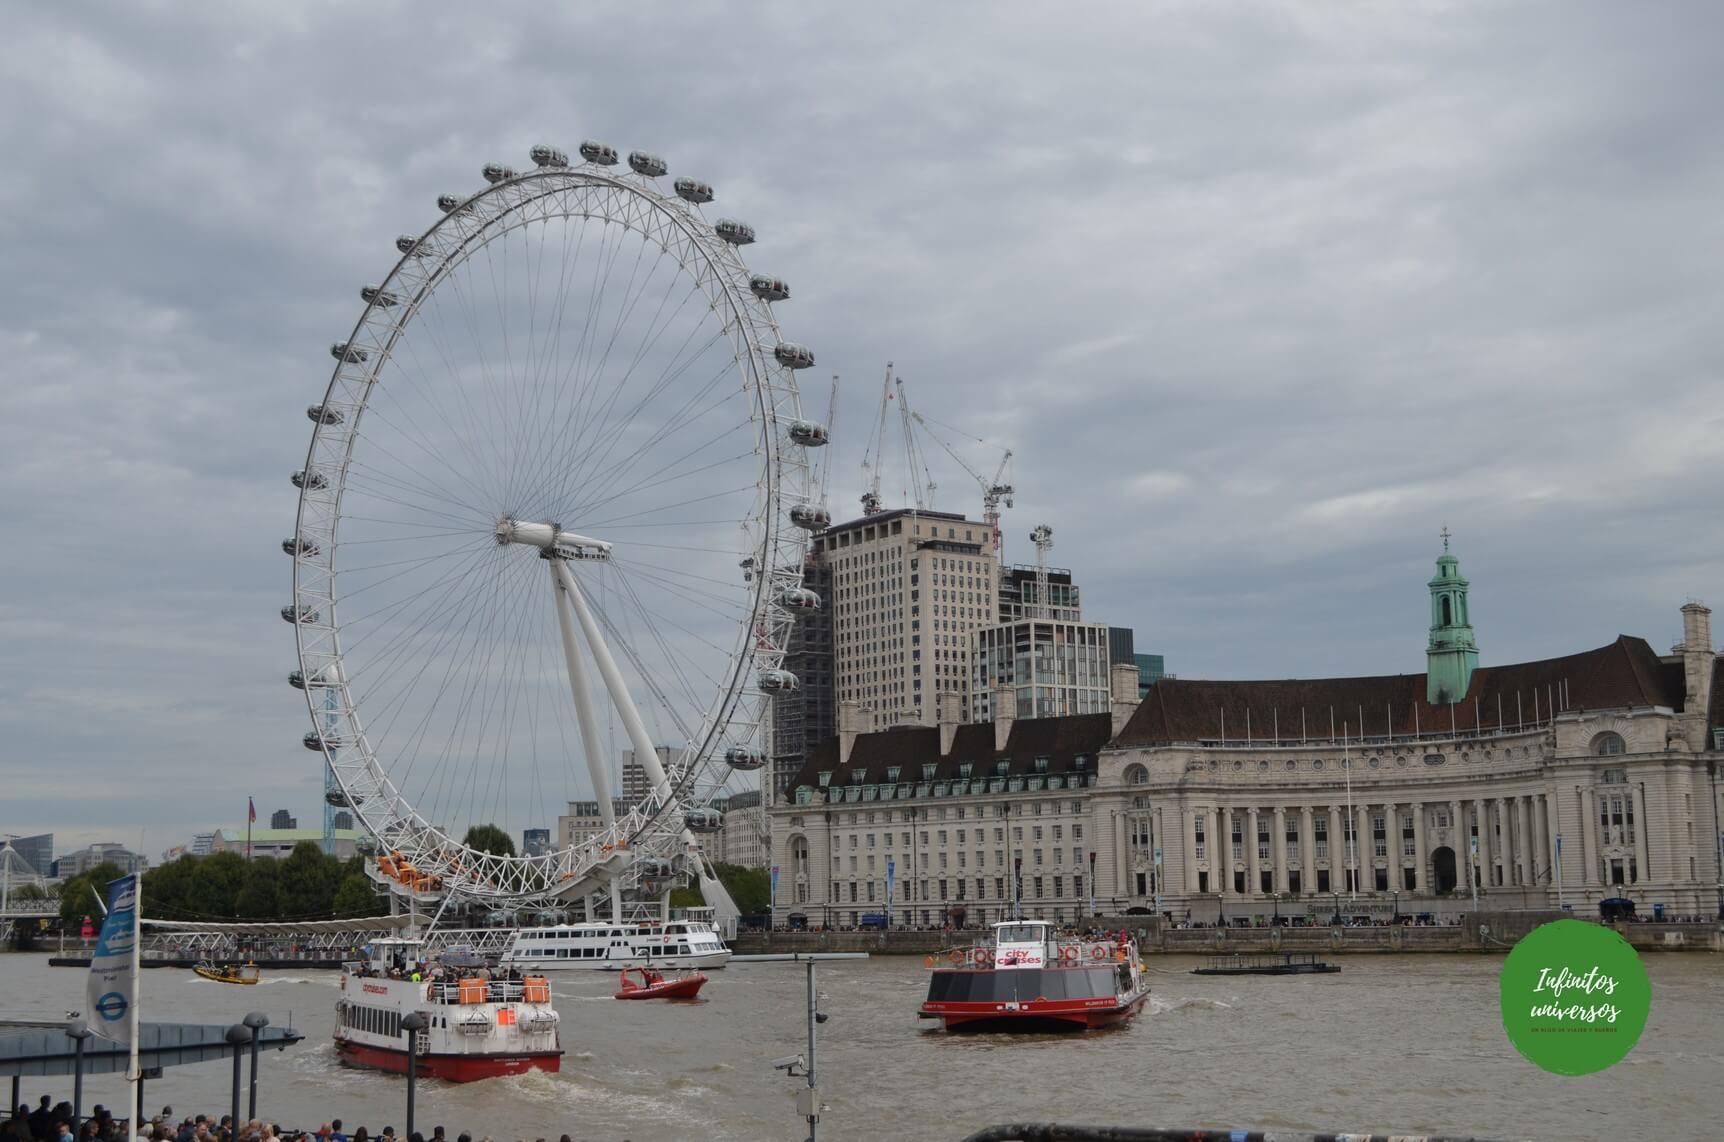 londres - Que hacer en Londres - Europa en verano